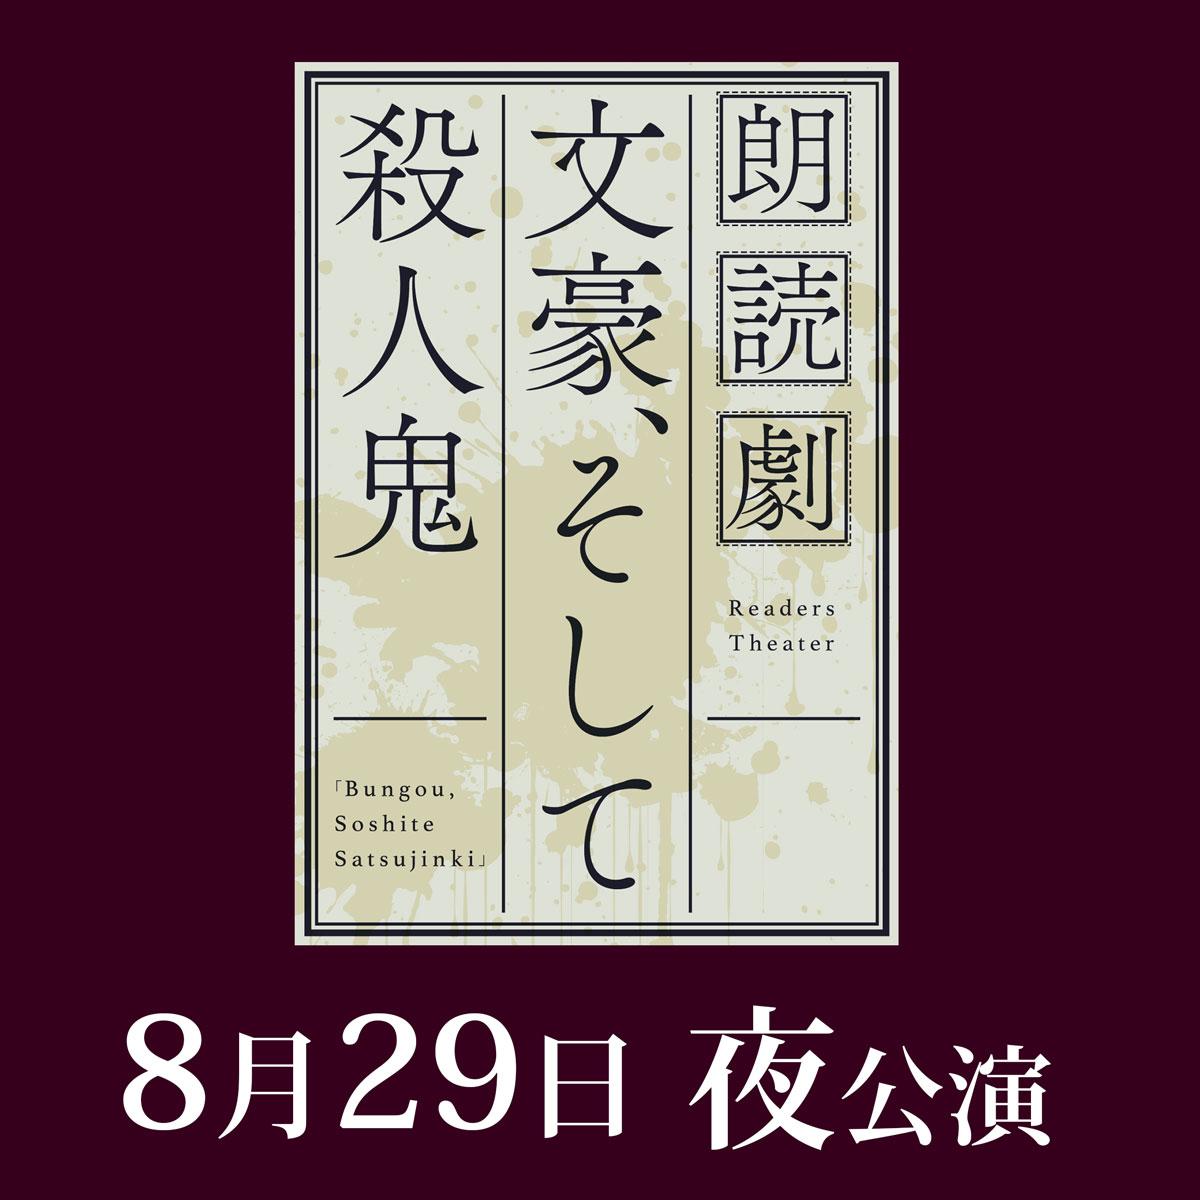 オリジナル朗読劇 『文豪、そして殺人鬼』 8月29日 夜公演